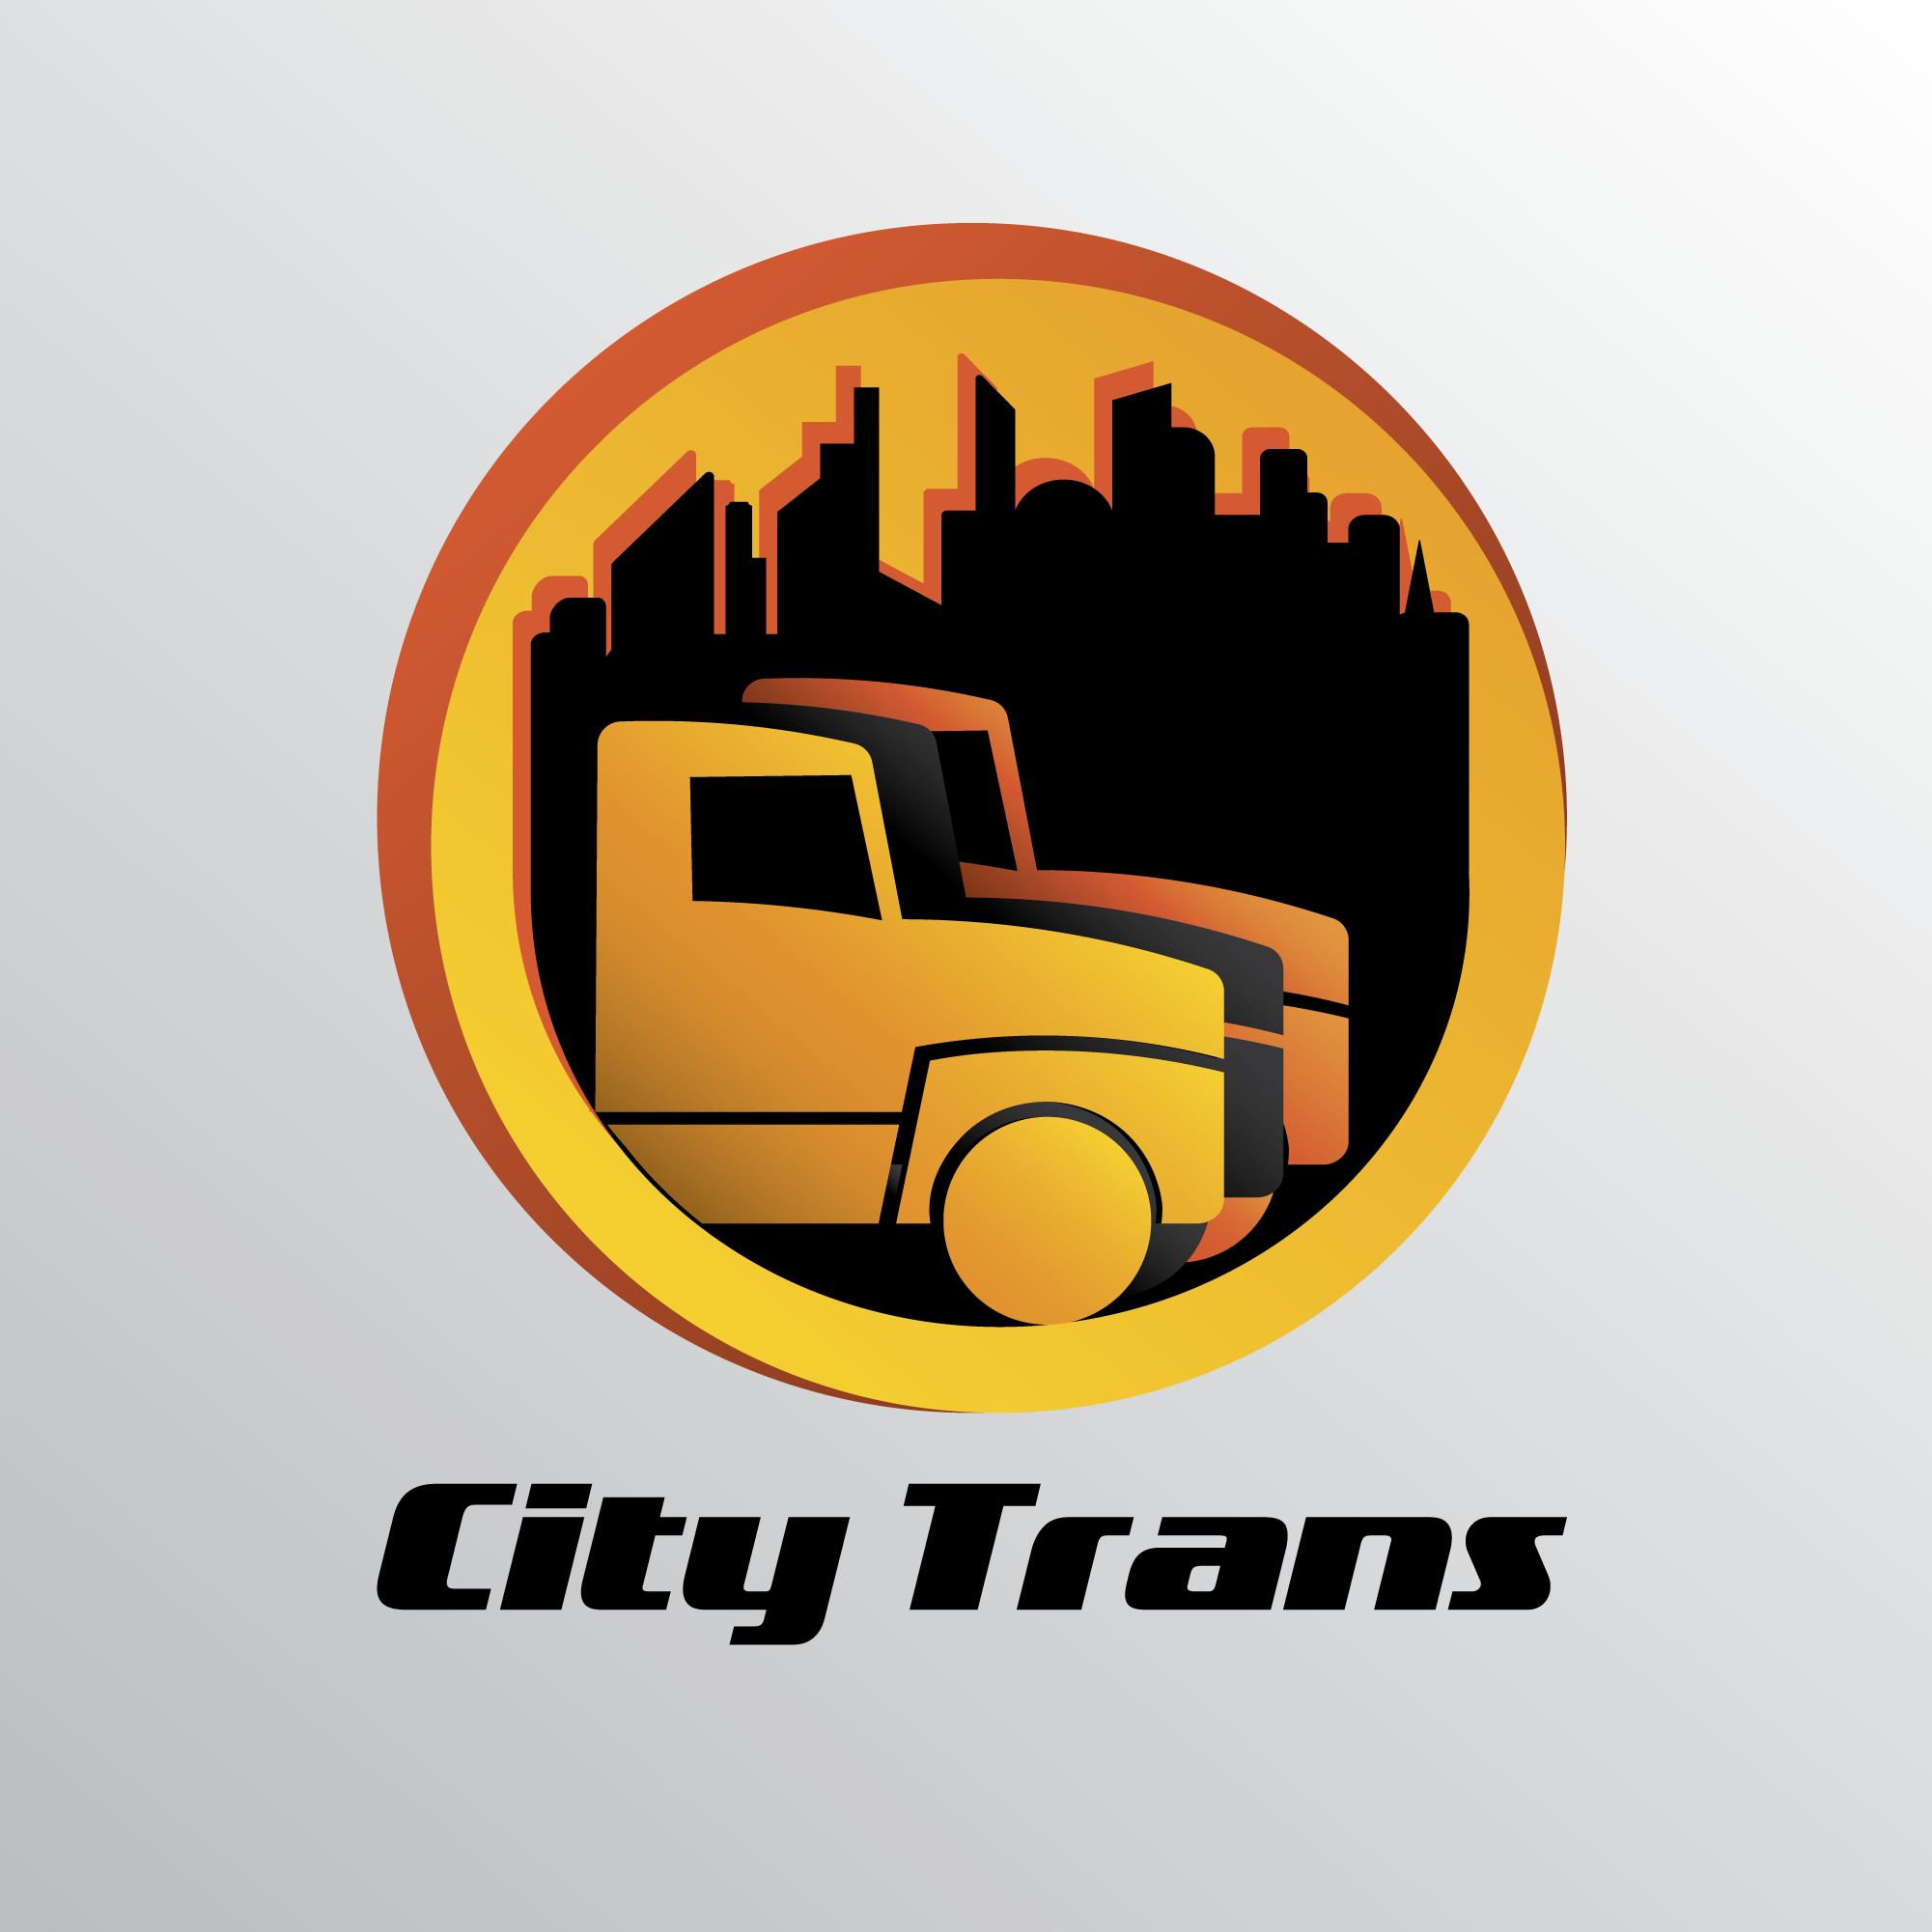 Разработка Логотипа транспортной компании фото f_5455e7a3a951c8b7.png